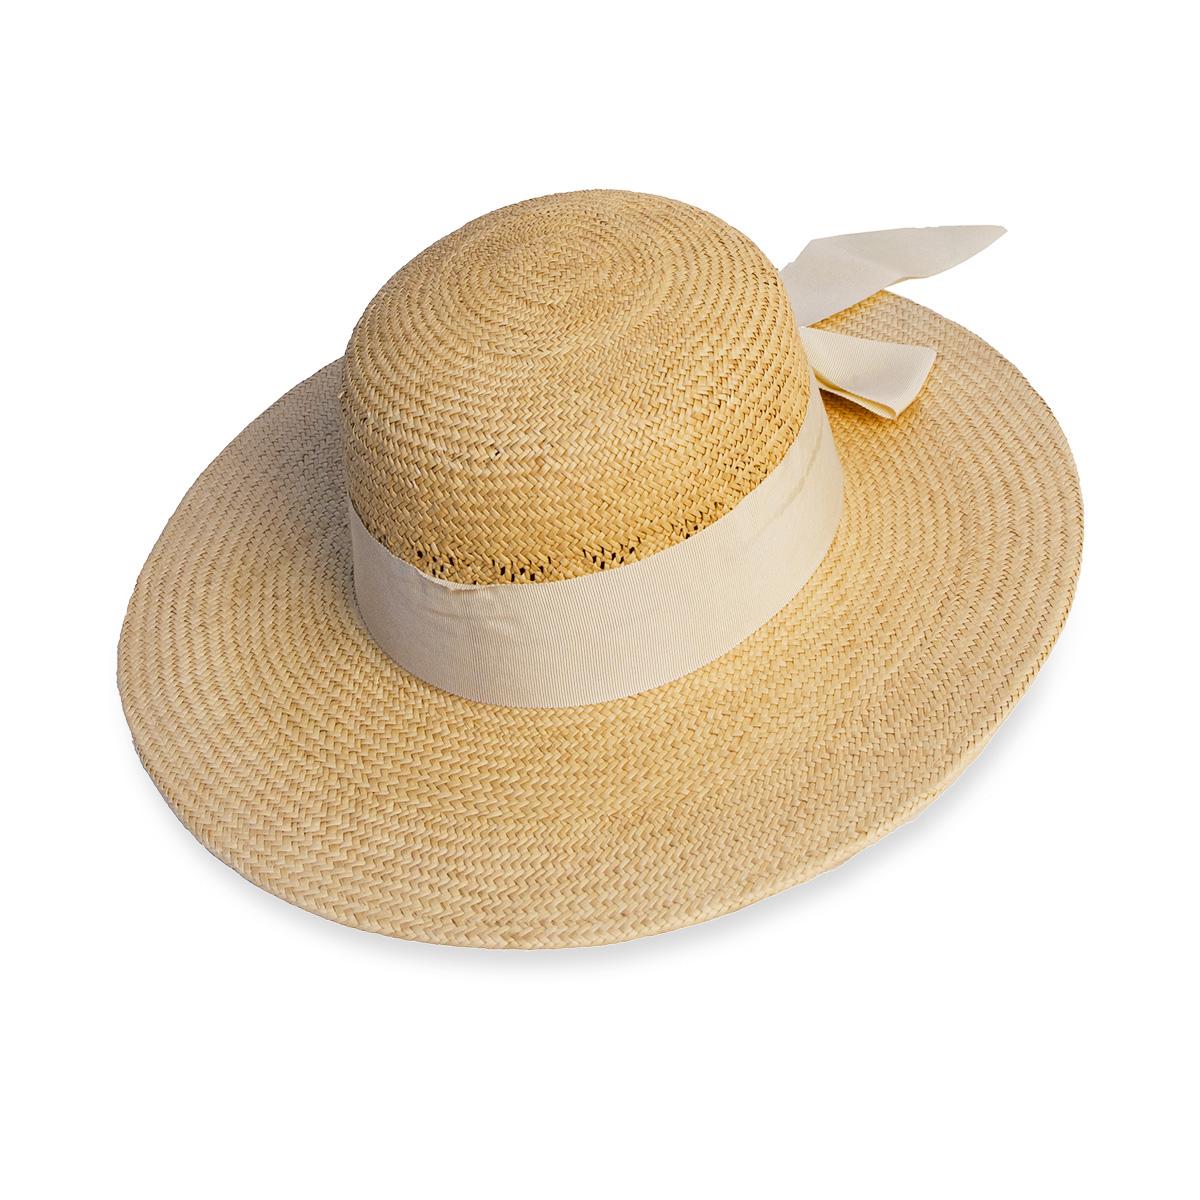 vintage 60s wide brim sun hat